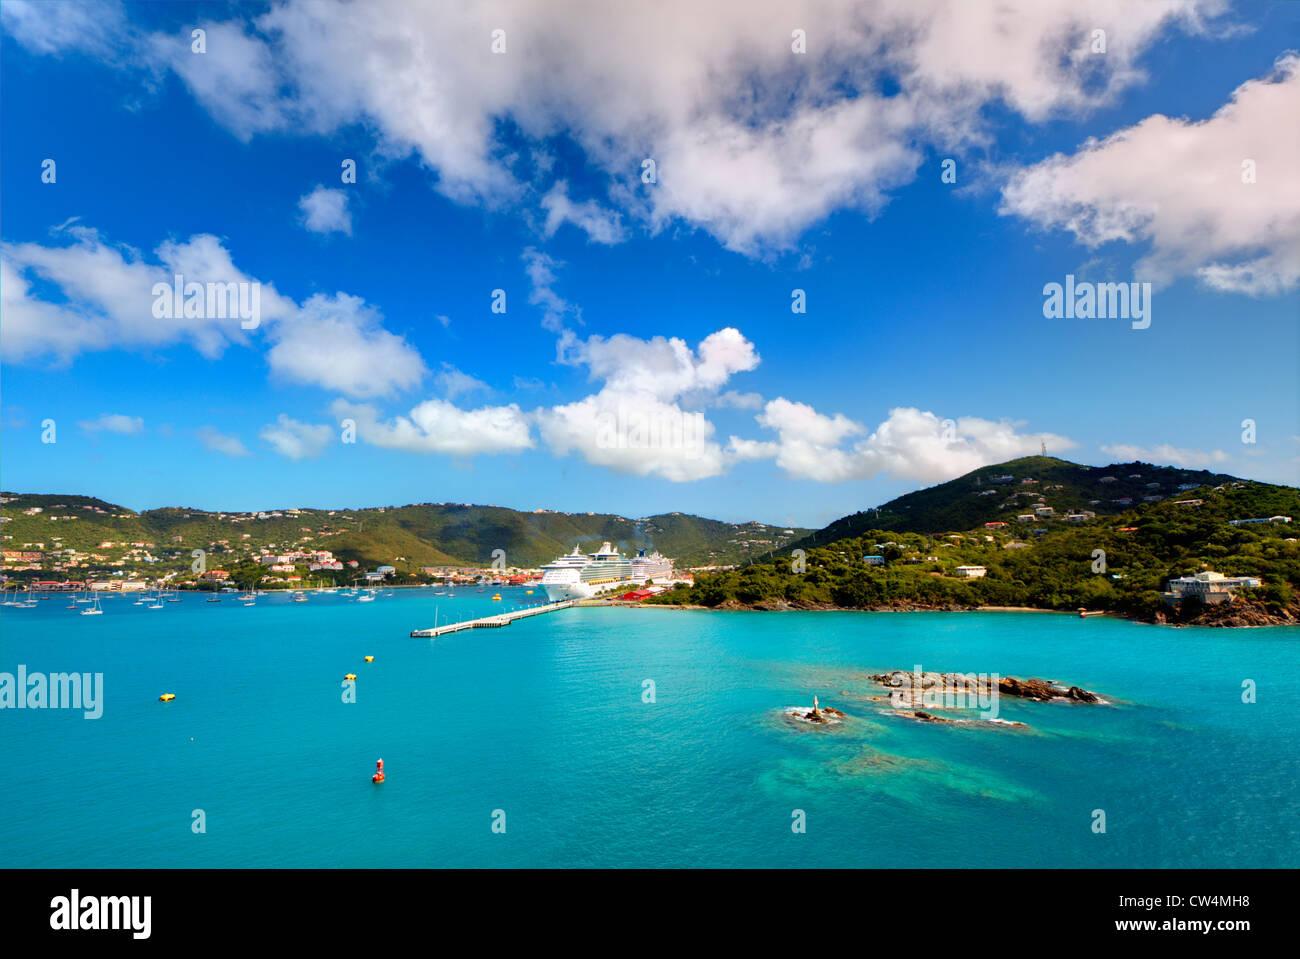 Costa de Charlotte Amalie en Santo Tomás, Islas Vírgenes de EE.UU. Imagen De Stock